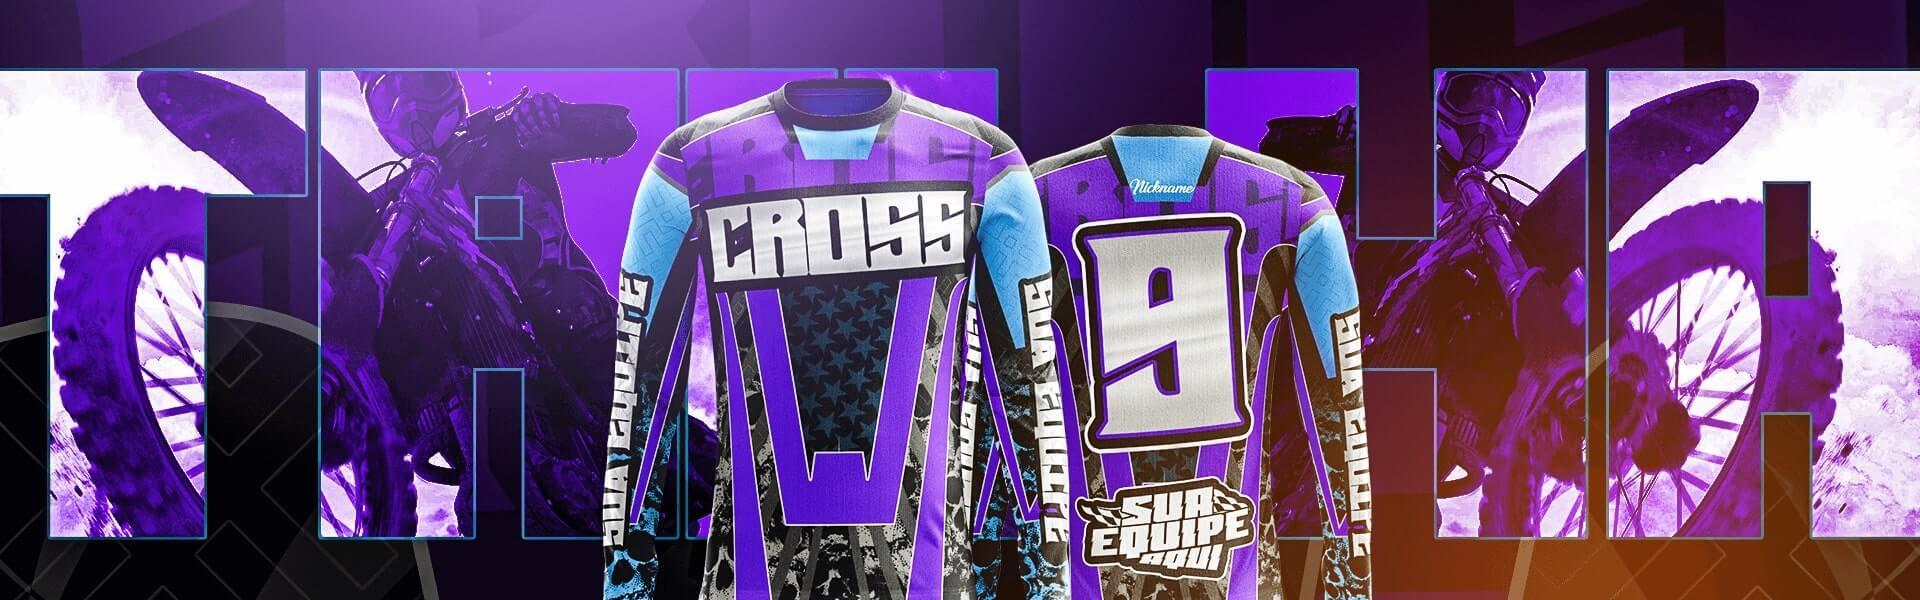 banner-motocross-2 (1)